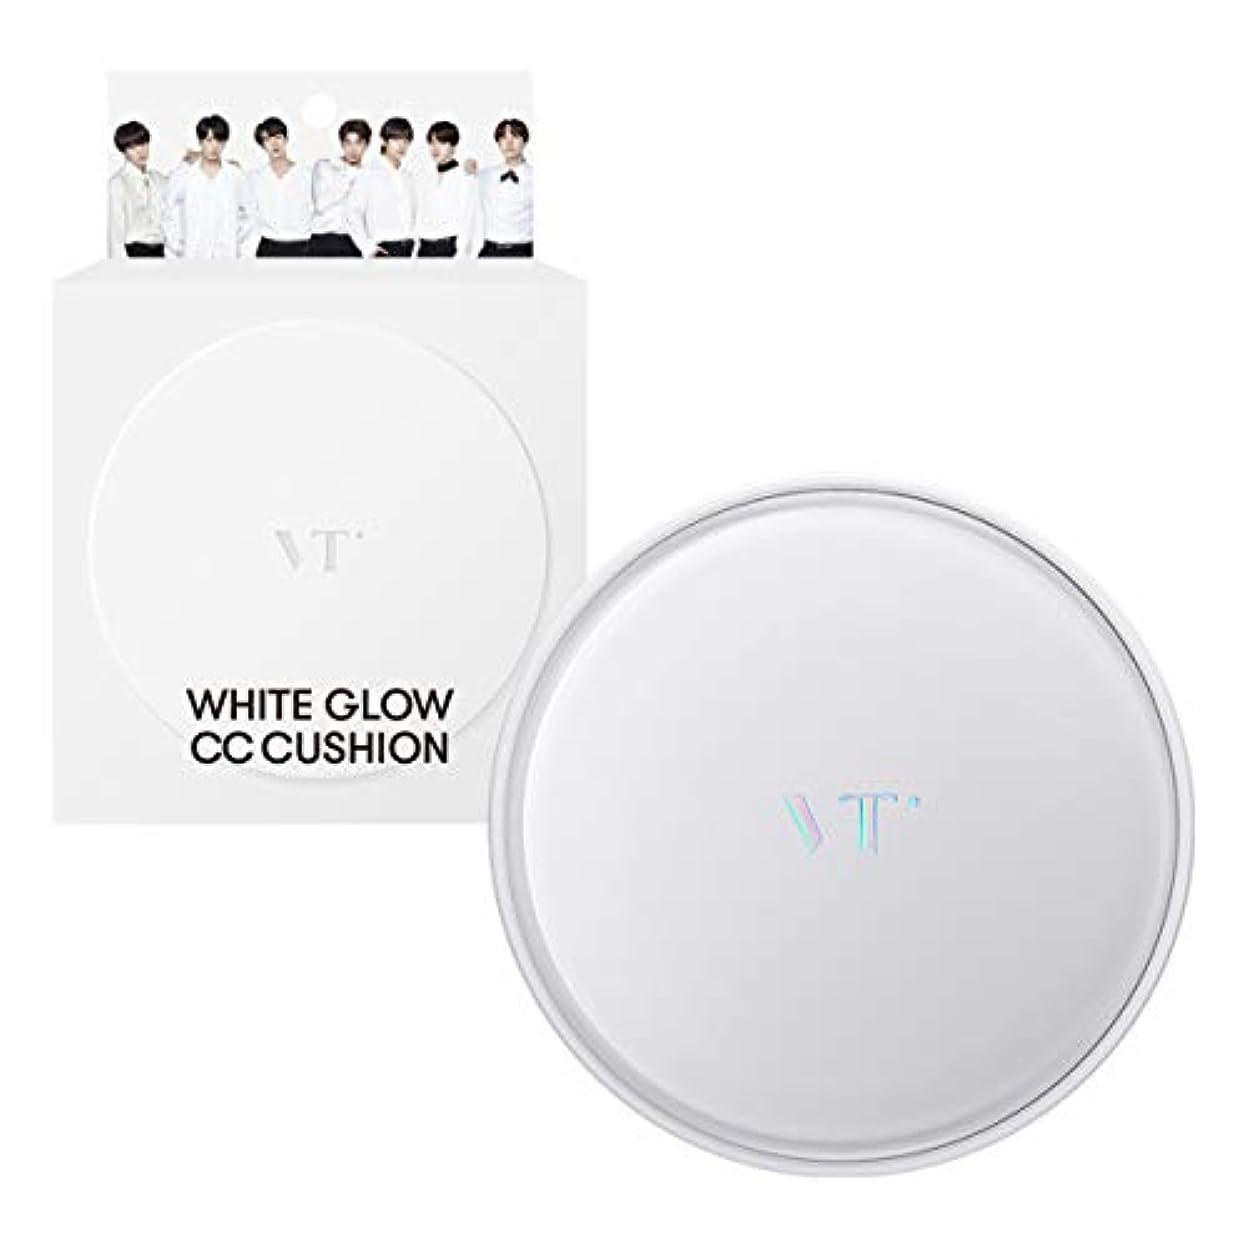 契約した子供達家族VT Cosmetics ホワイトグロウCCクッションSPF50+ PA+++ 21号IVORY 23号BEIGE (23号BEIGE)